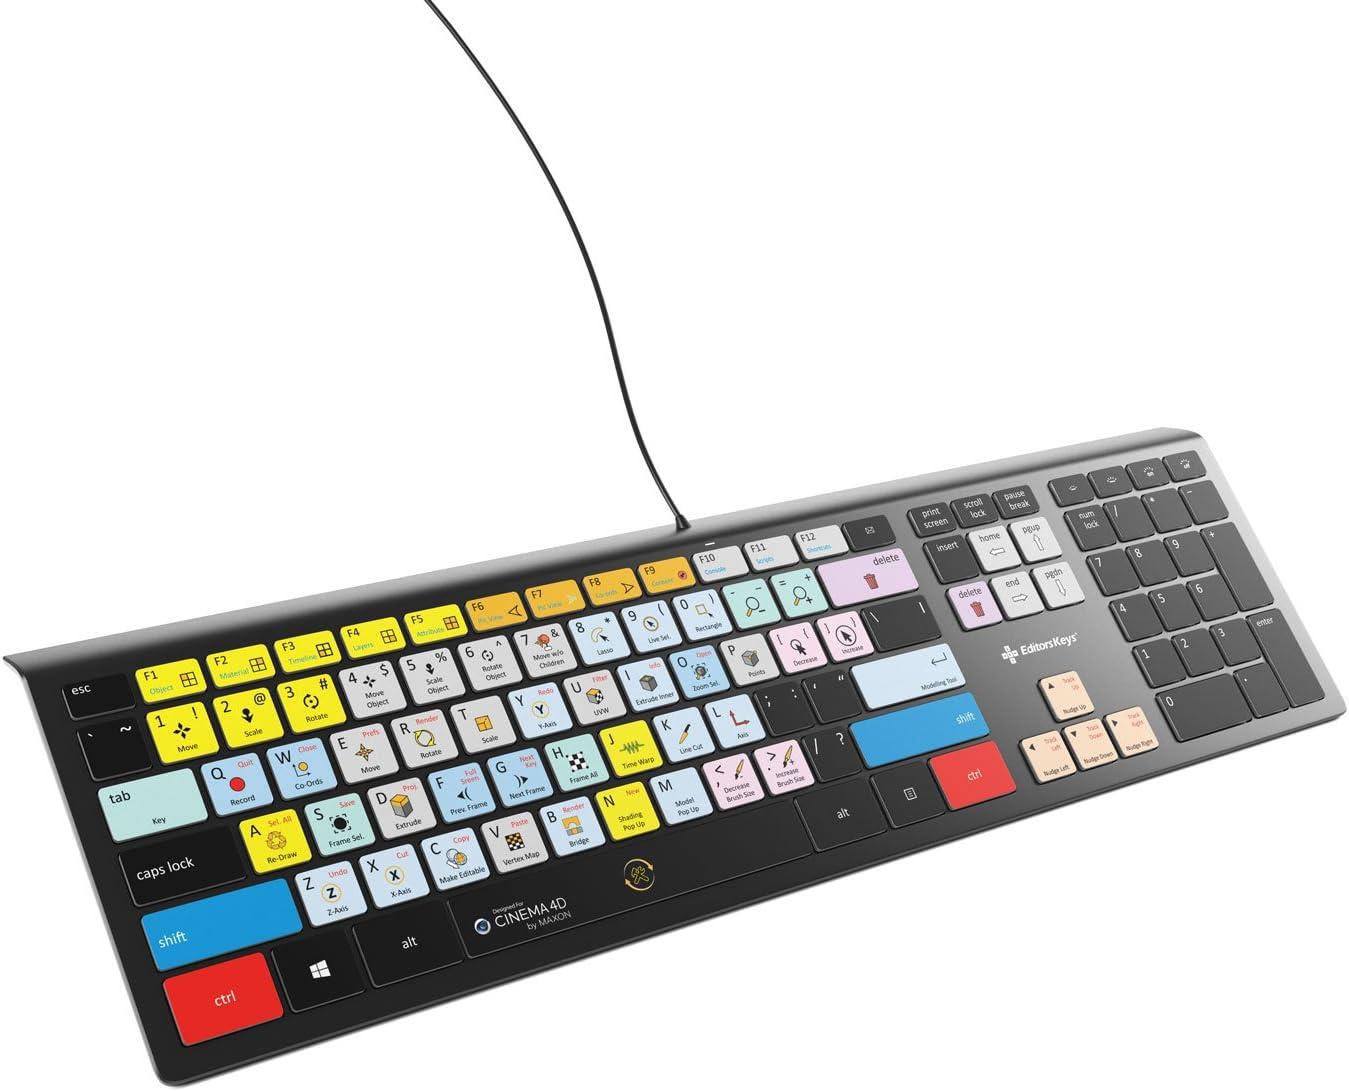 Maxon Cinema 4D Keyboard Backlit Windows USA Version